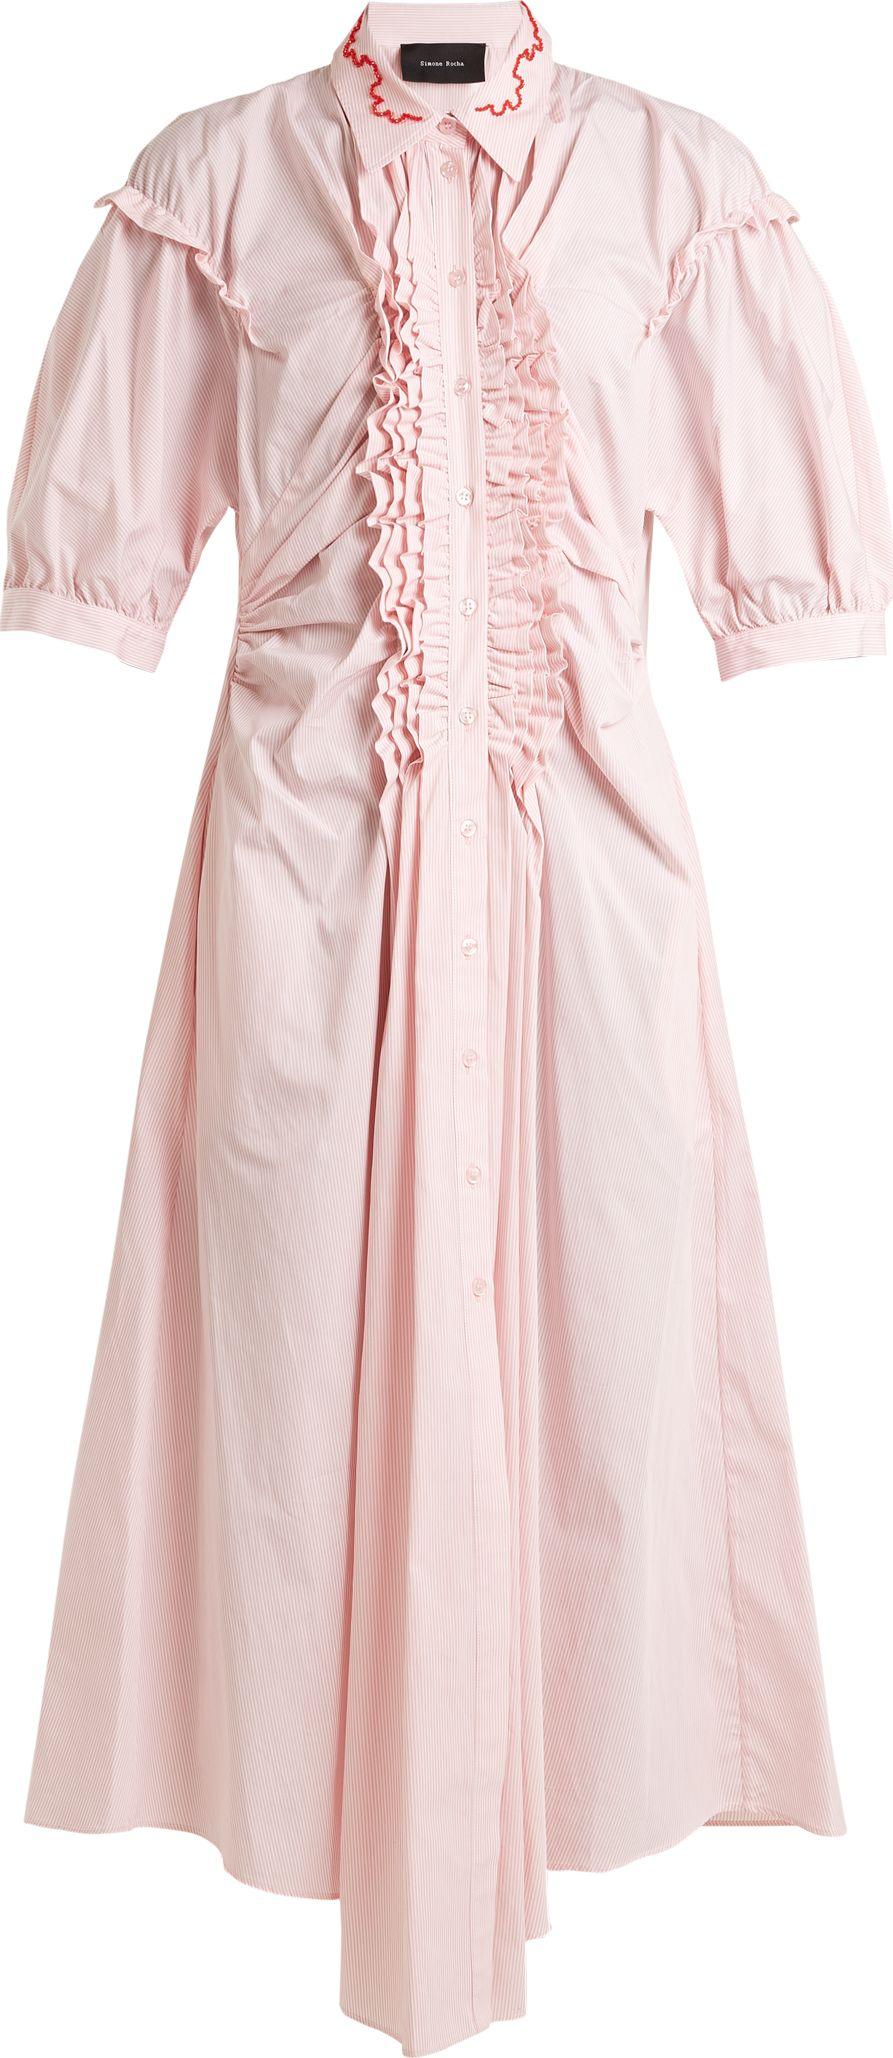 Simone Rocha - Ruffle-trimmed striped cotton midi dress